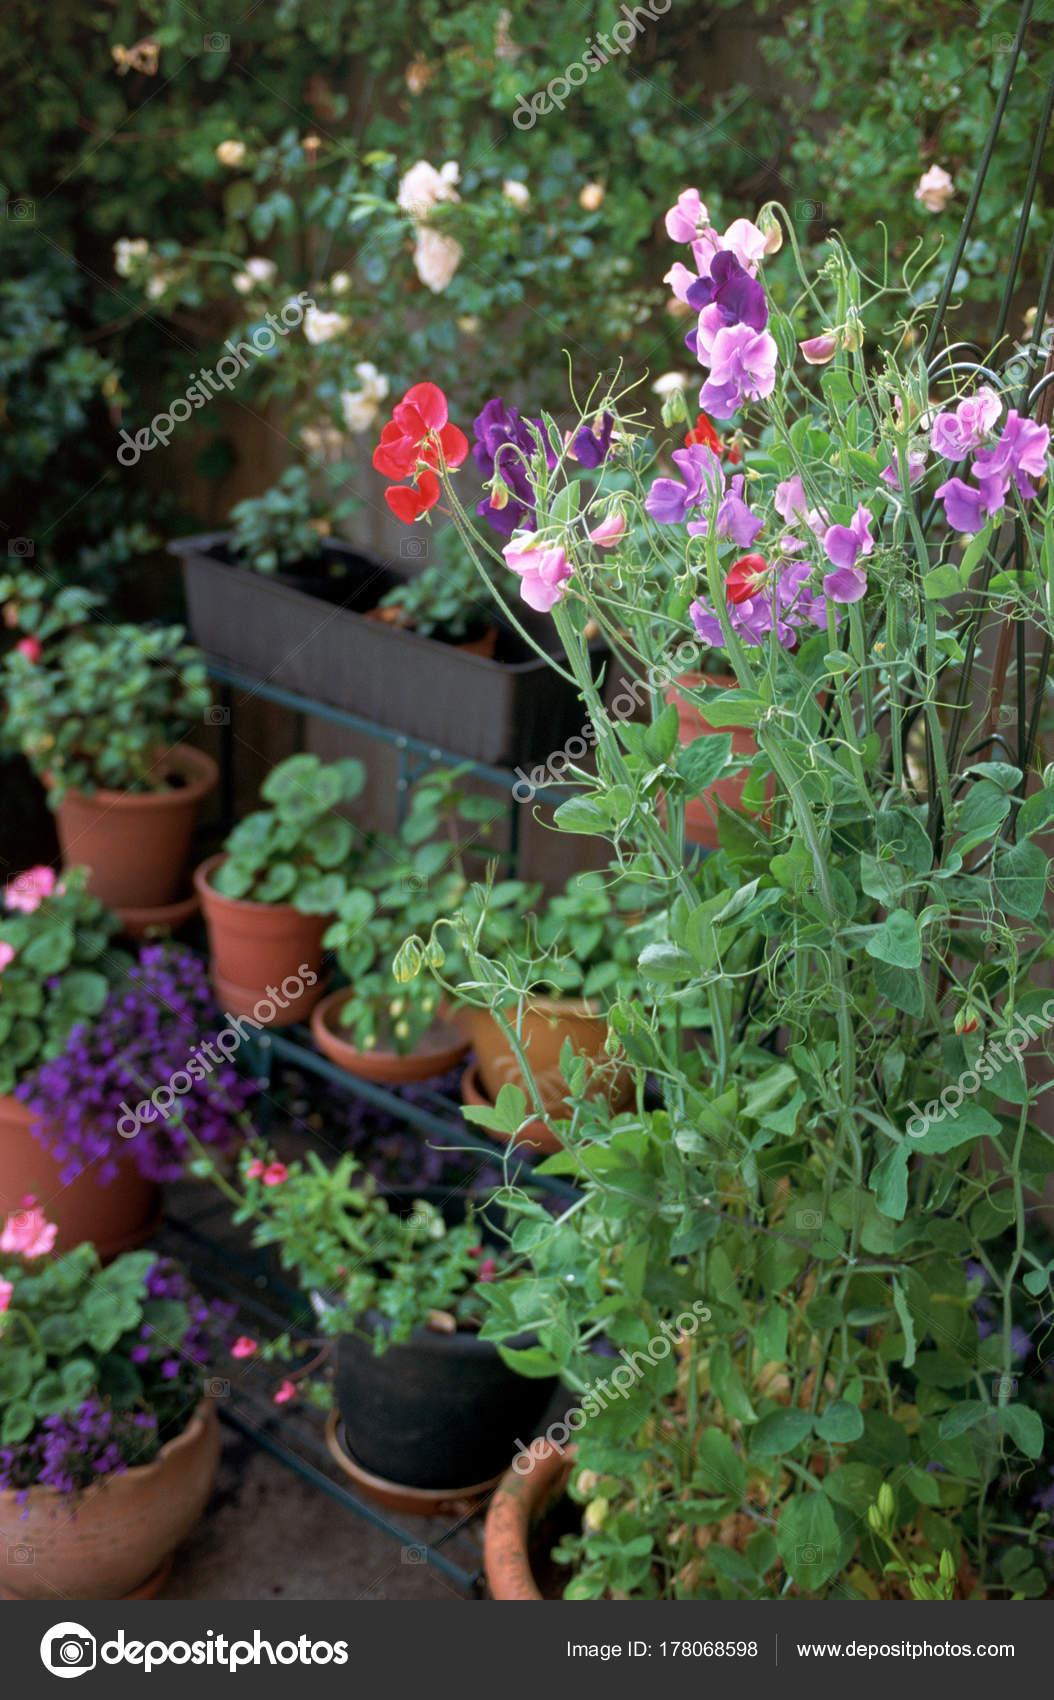 Topfpflanzen Und Blumen U2014 Stockfoto